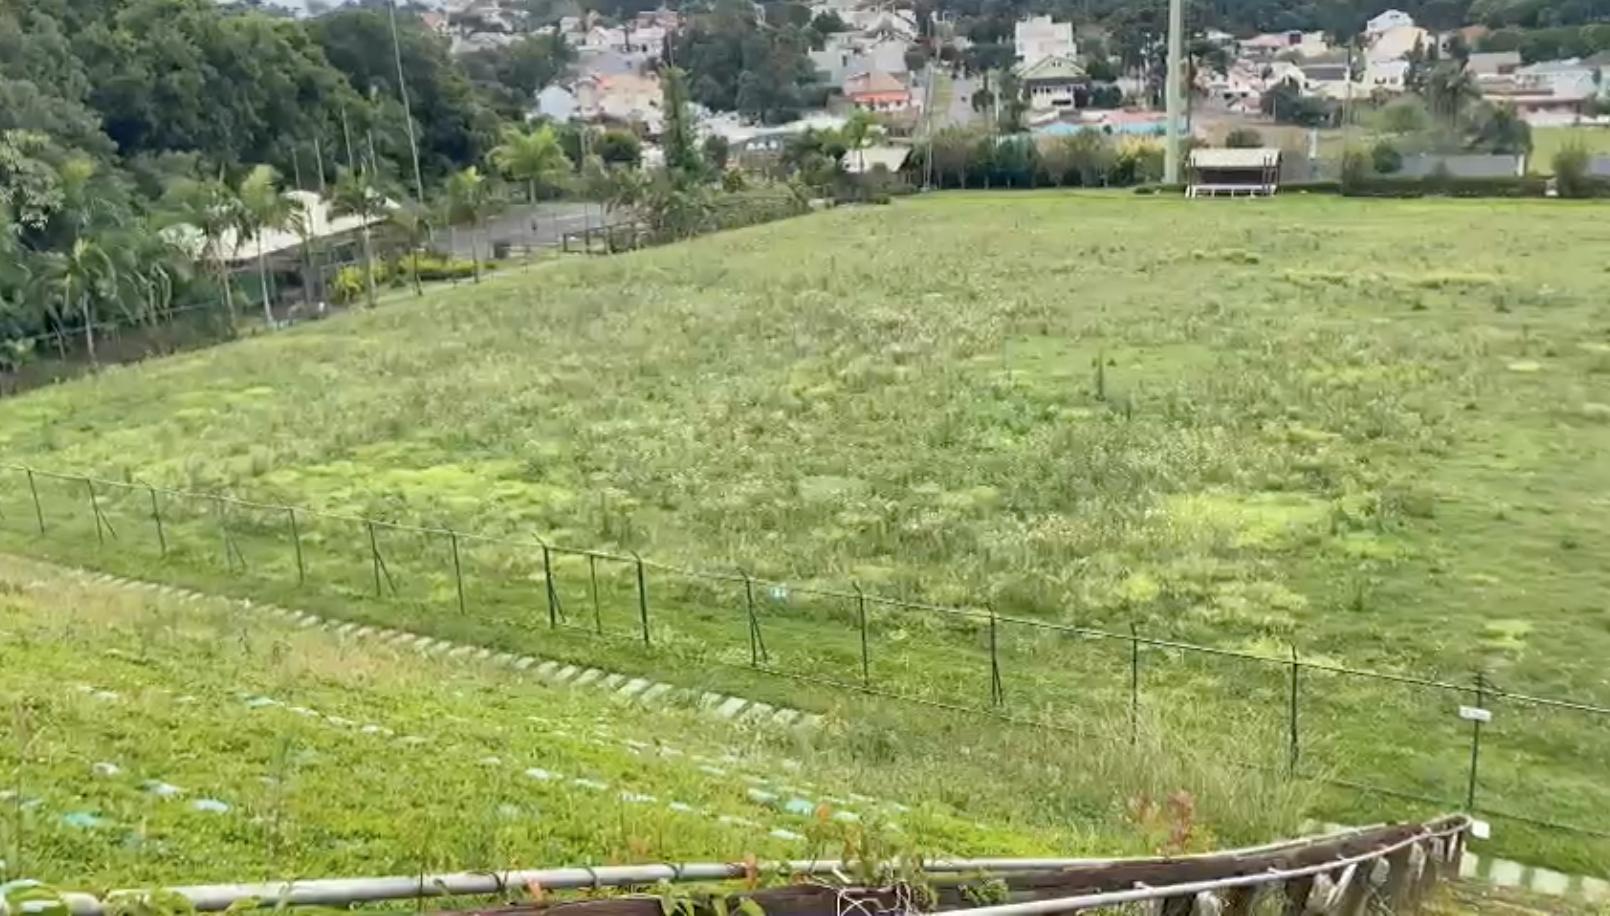 Mato tomou conta do gramado do estádio. Reprodução